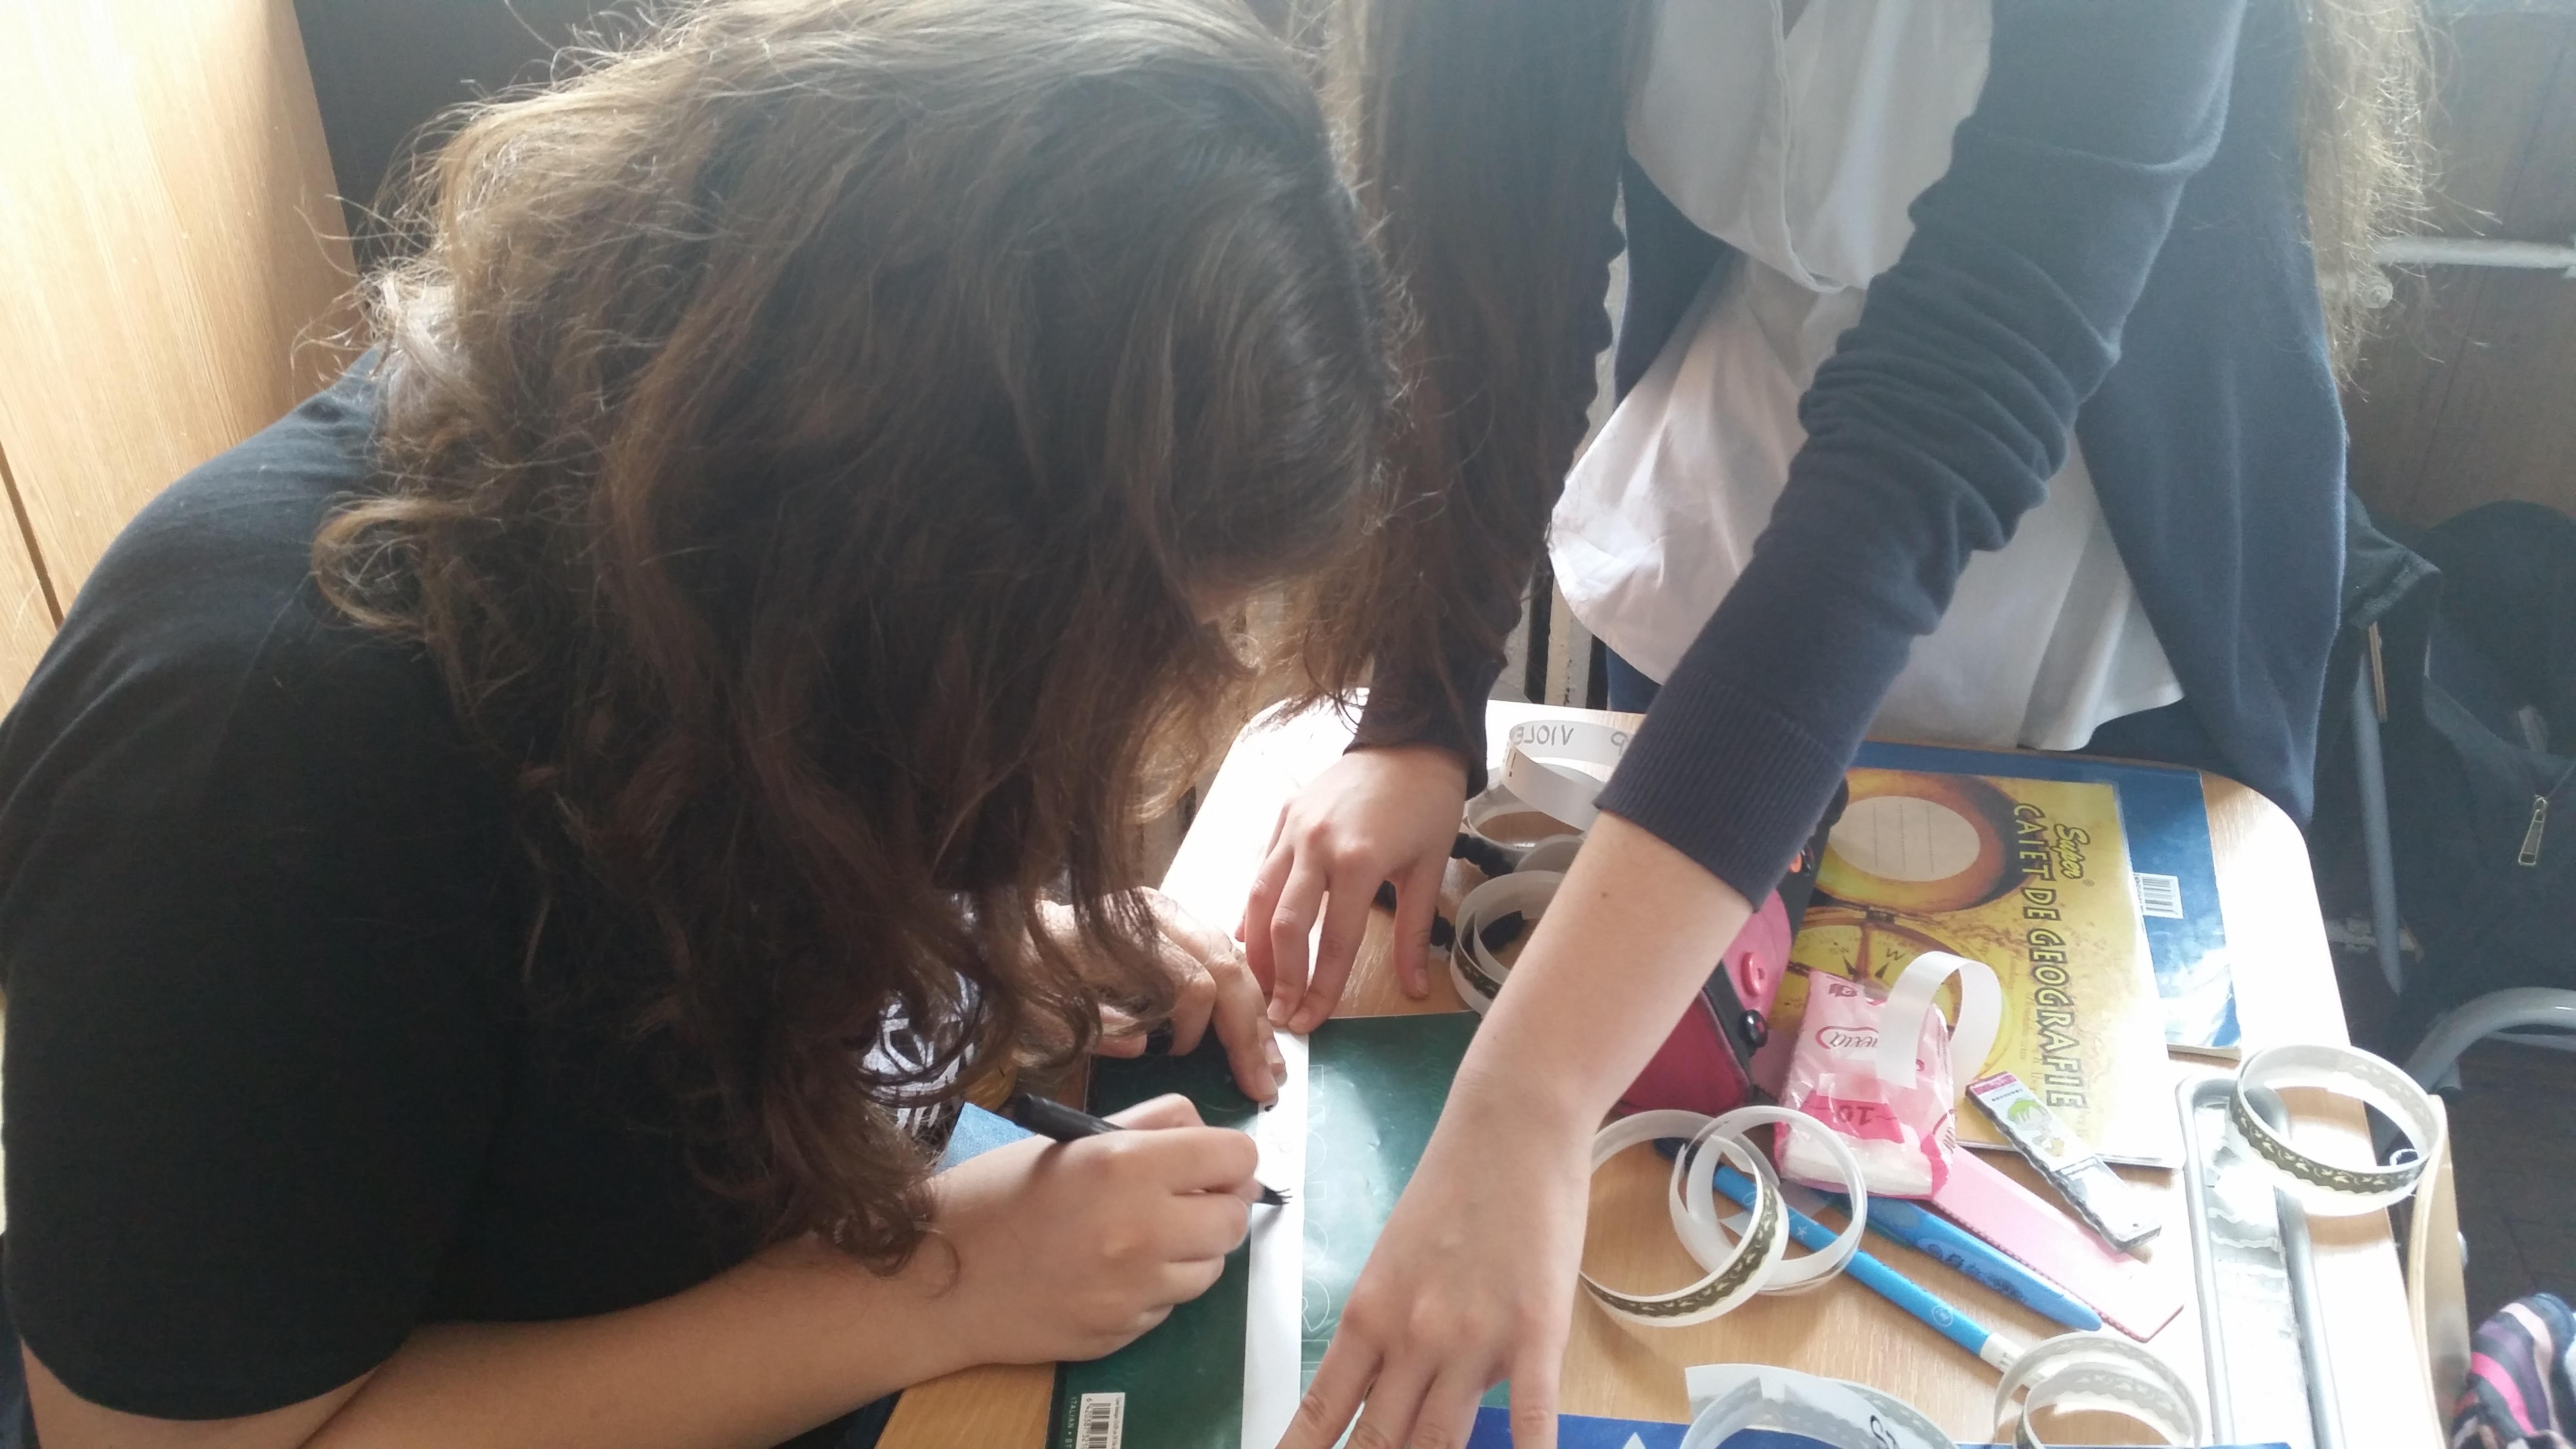 2 Proiect Viata fara Violena - Daria Belei - clasa a-IX-a B - Colegiul National Mihai Eminescu